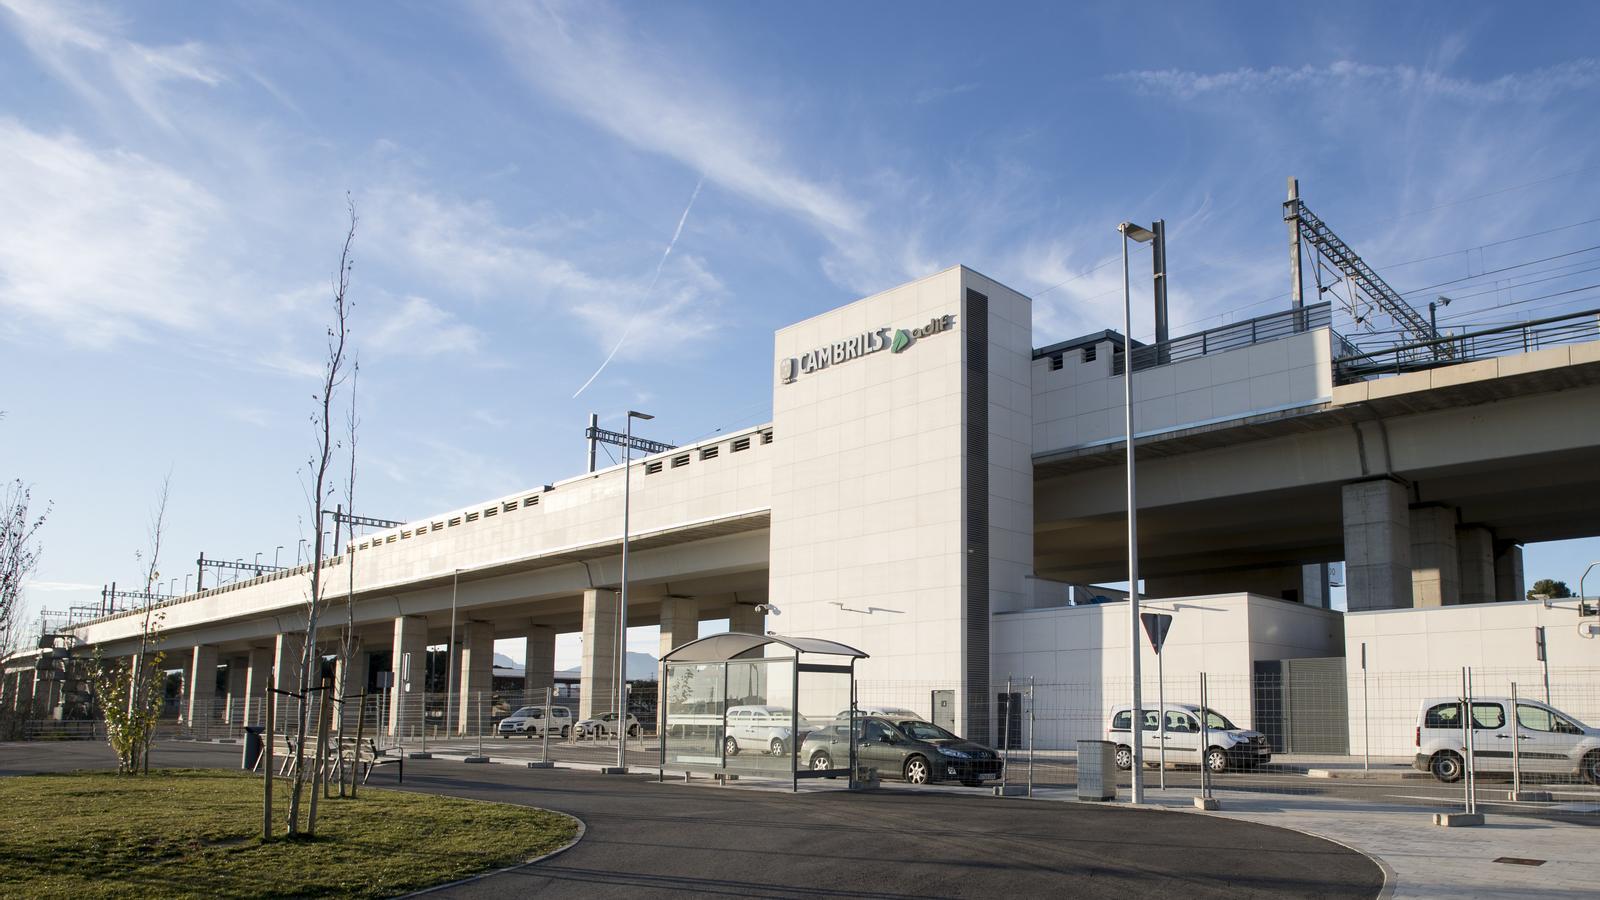 La nova variant ferroviària de Vandellòs s'inaugurarà entre crítiques